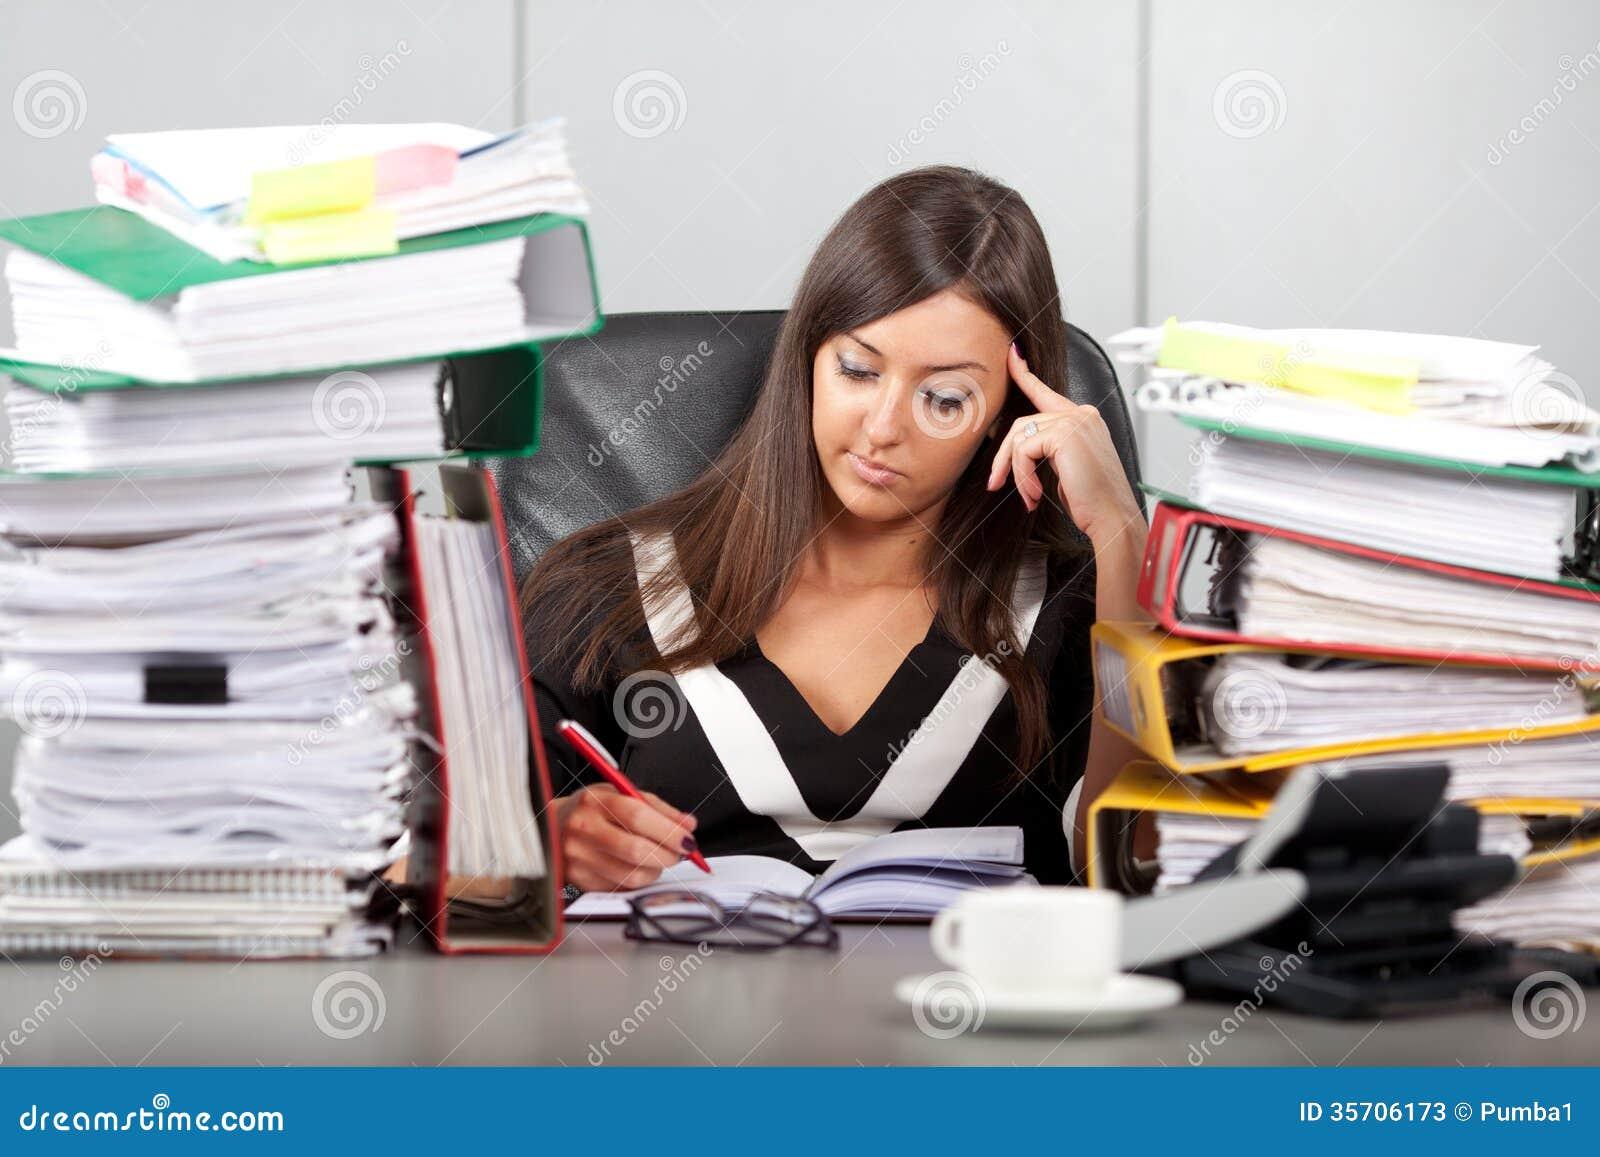 Mujer con exceso de trabajo en oficina fotos de archivo for Servicio de empleo